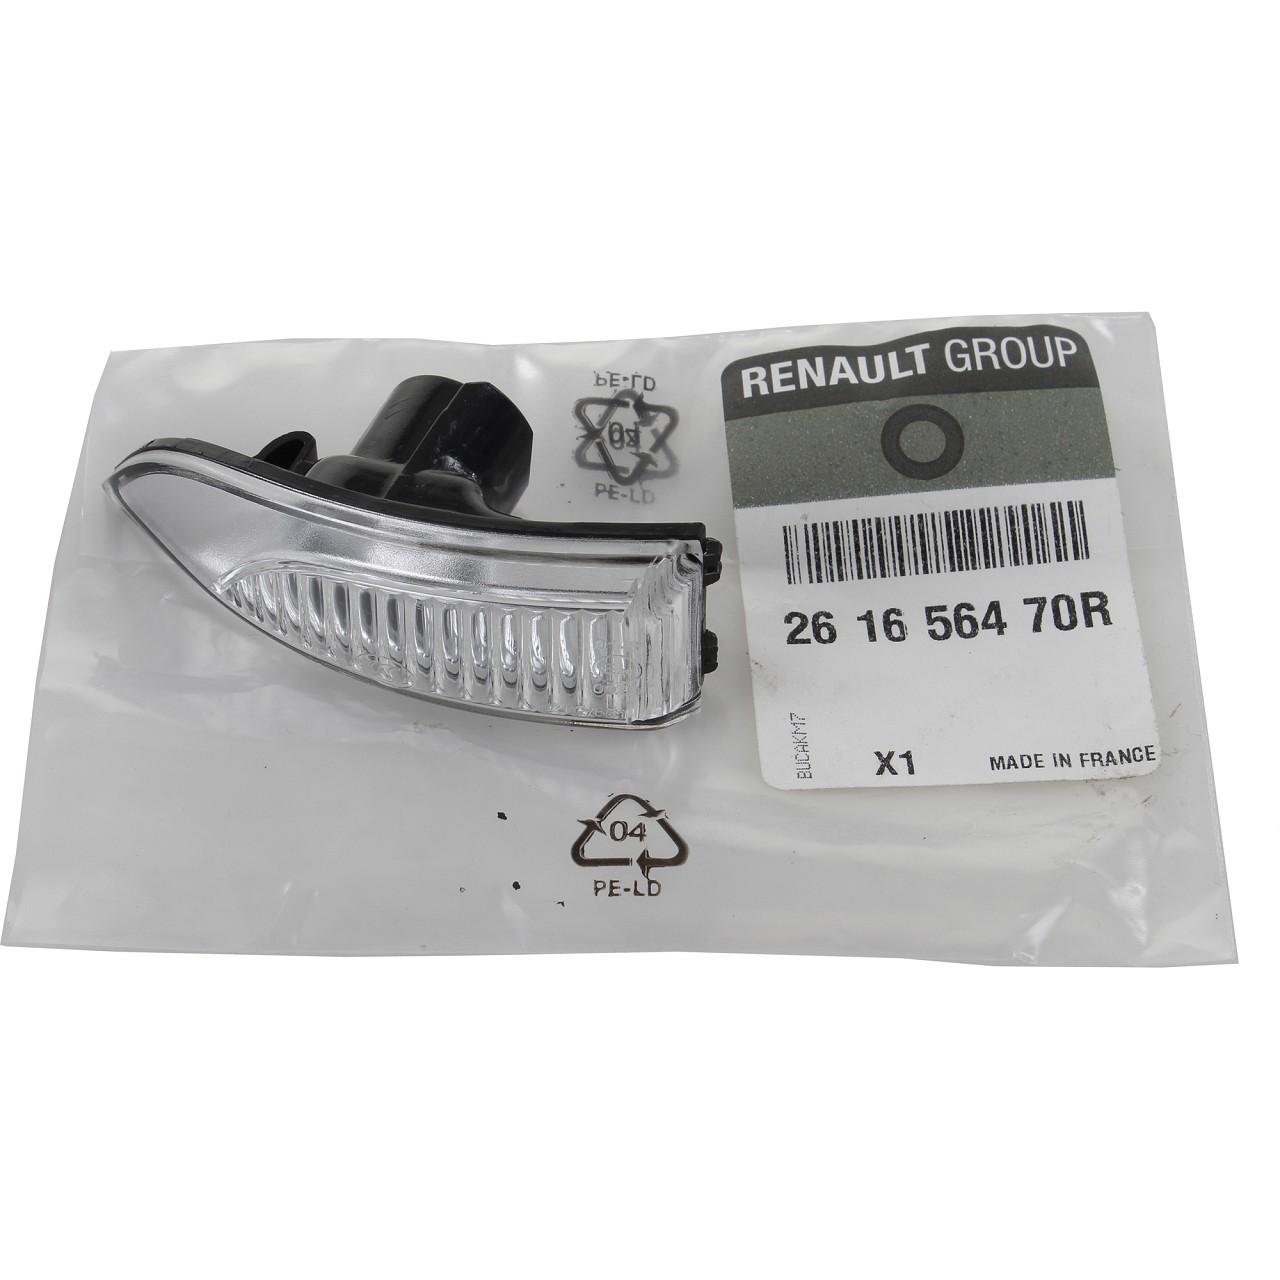 ORIGINAL Renault Lichtscheibe Außenspiegel Blinker Megane III links 261656470R